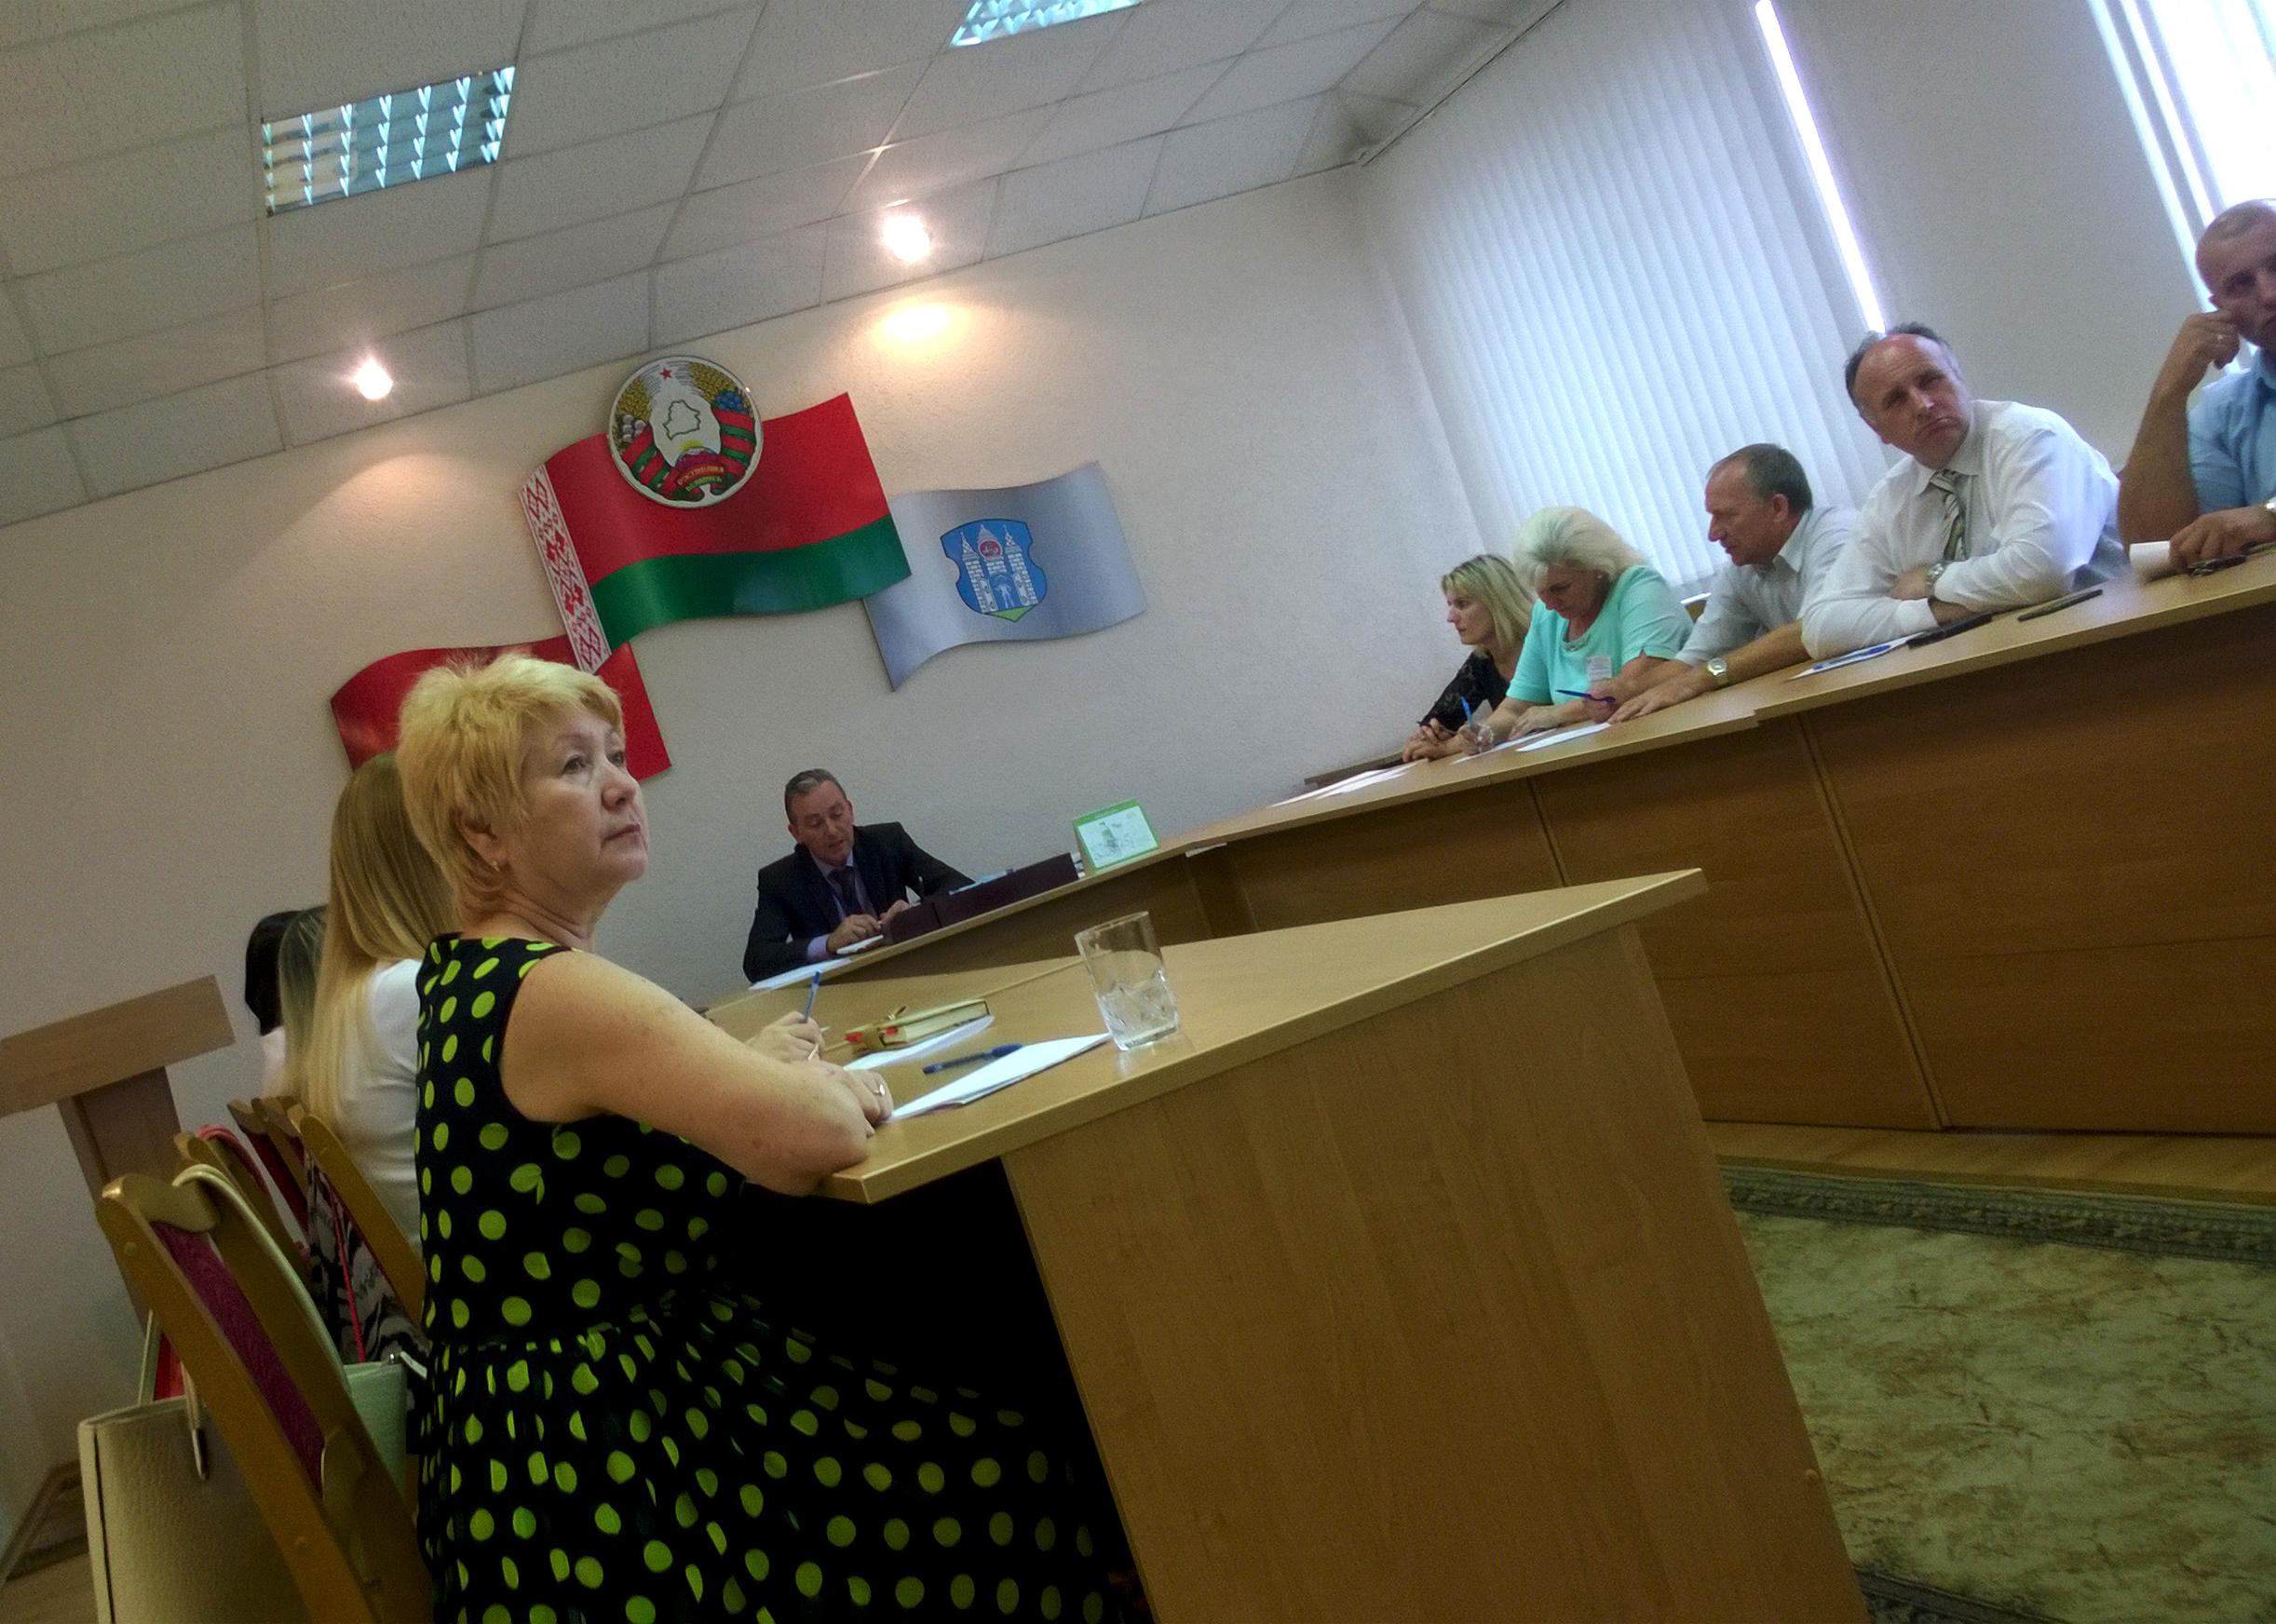 Паседжанне 11 жніўня ў Магілеўскай-Кастрычніцкай выбарчай камісіі №86